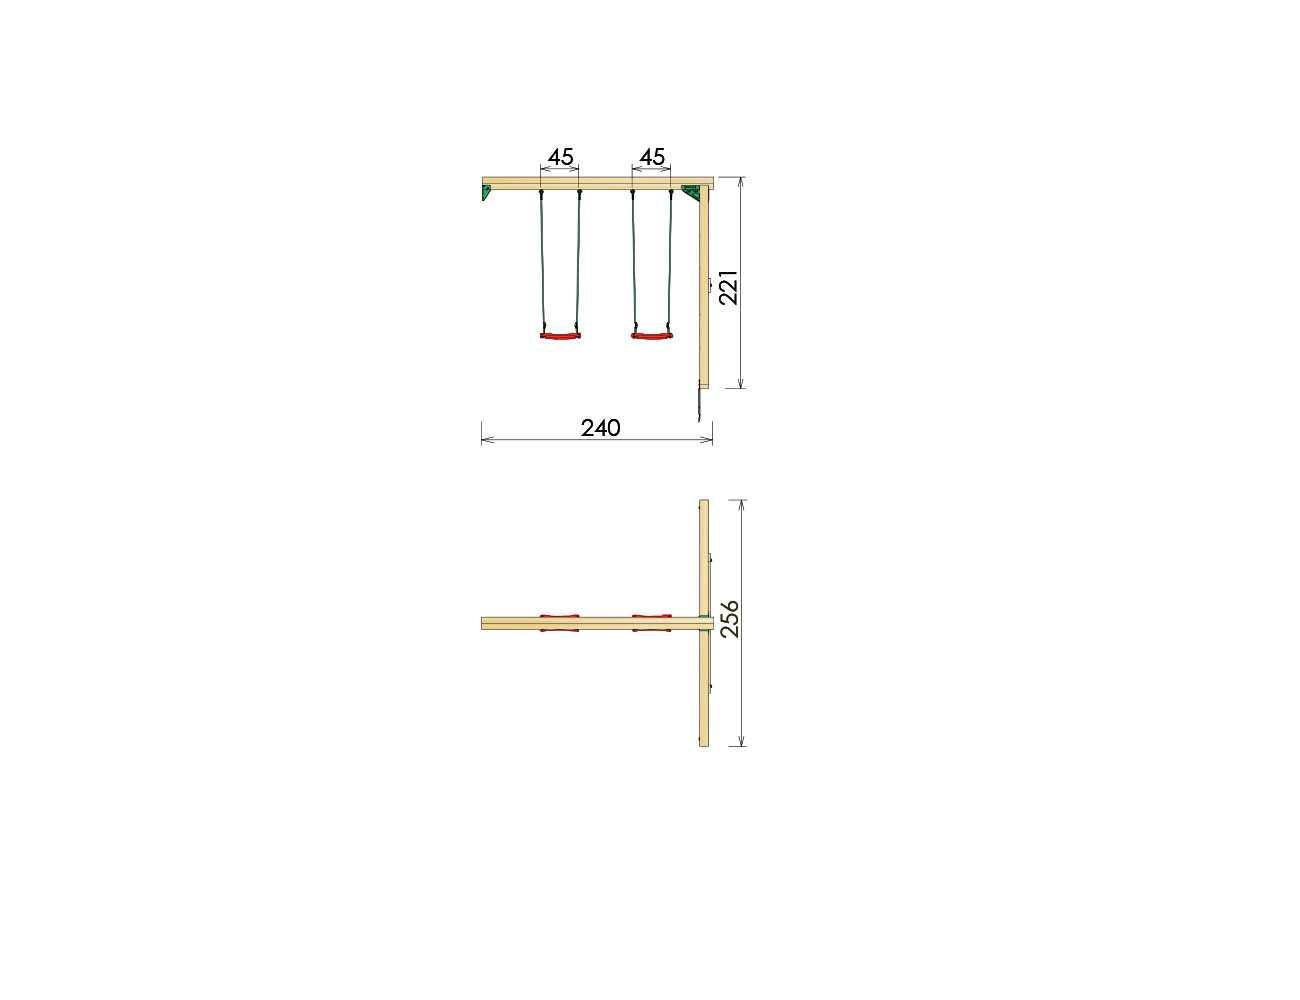 kids-swing-frame-2-swing-module-dimensions